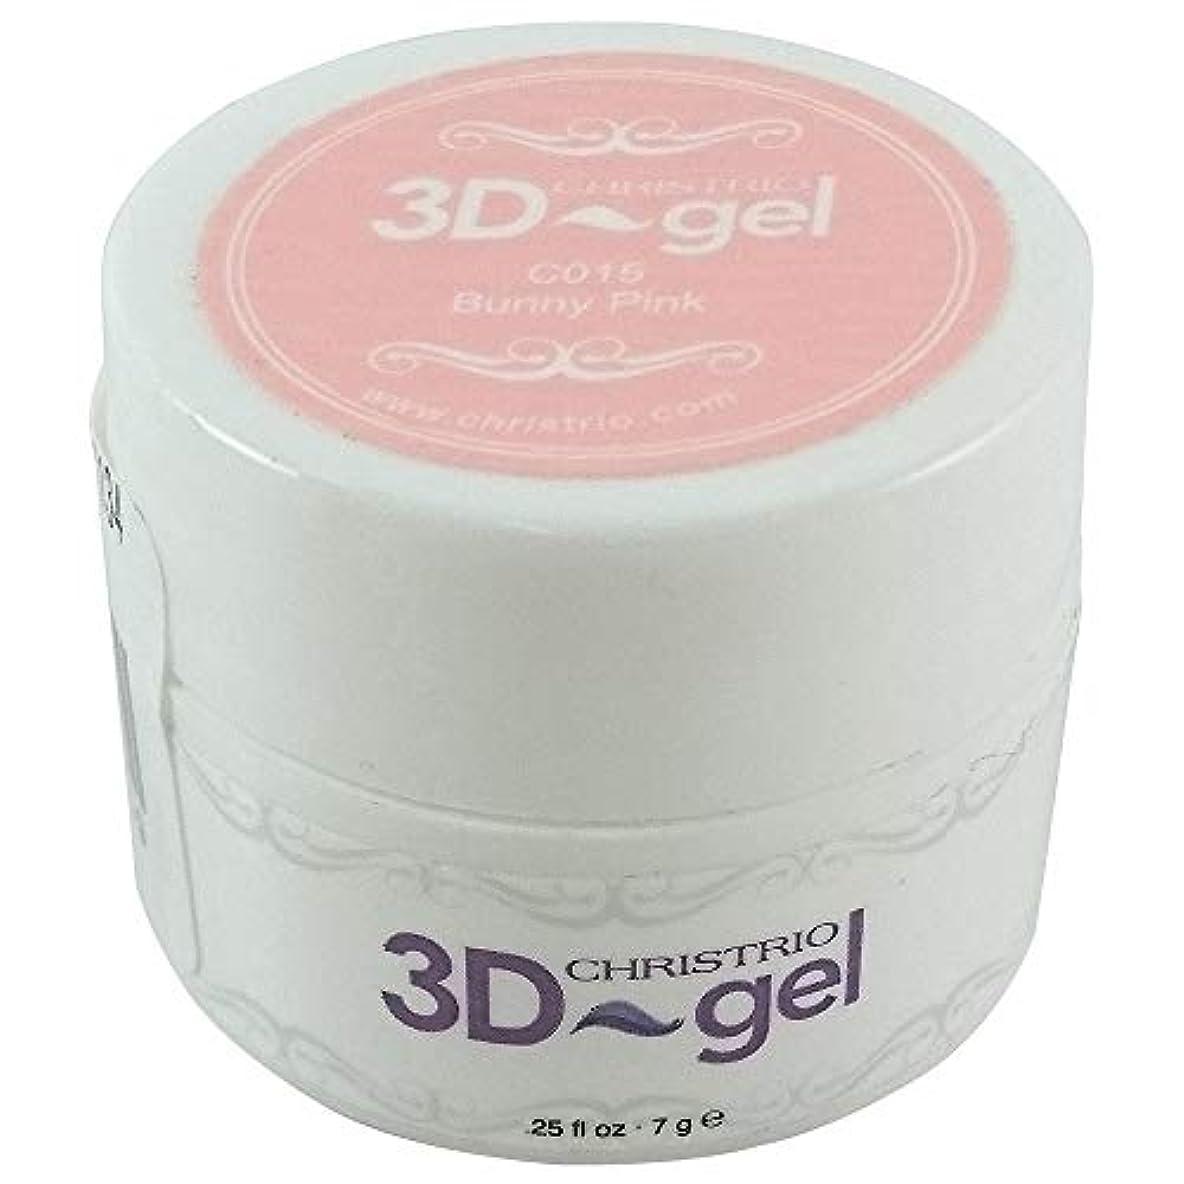 触覚トラブル喉頭CHRISTRIO 3Dジェル 7g C015 バニーピンク